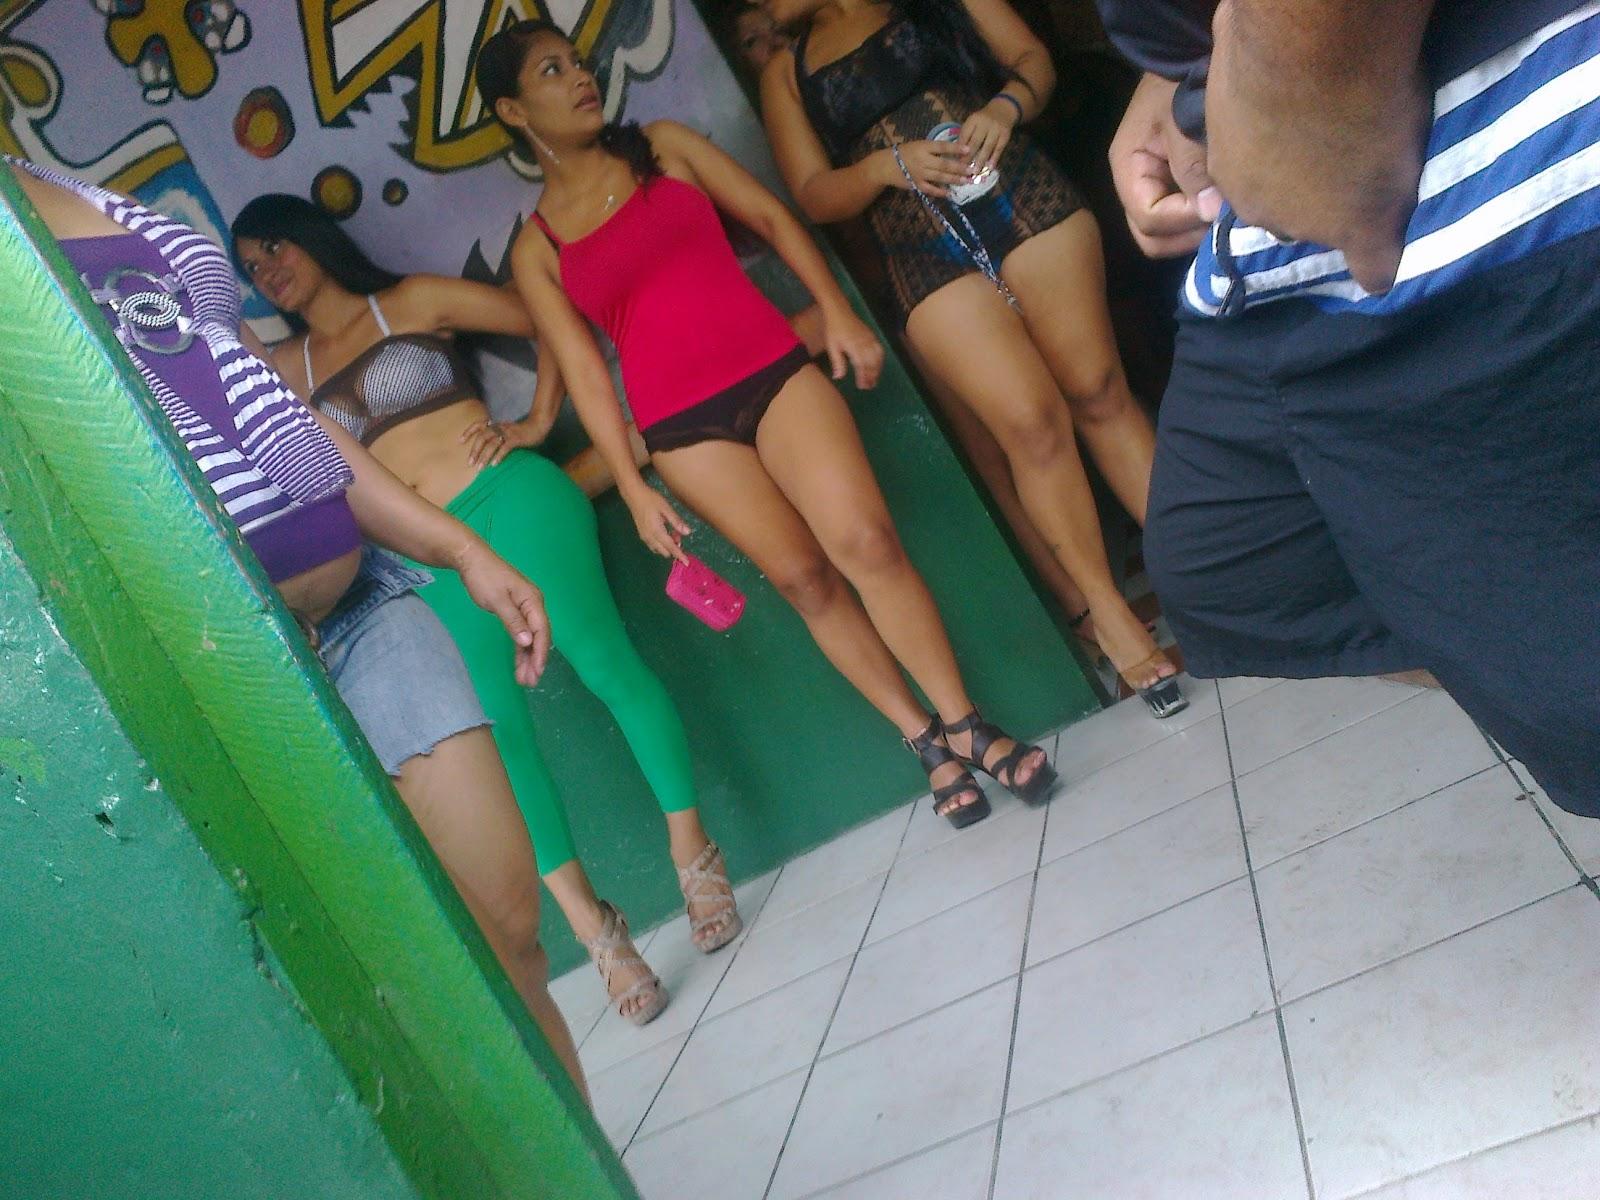 prostitutas ecuador gravando prostitutas